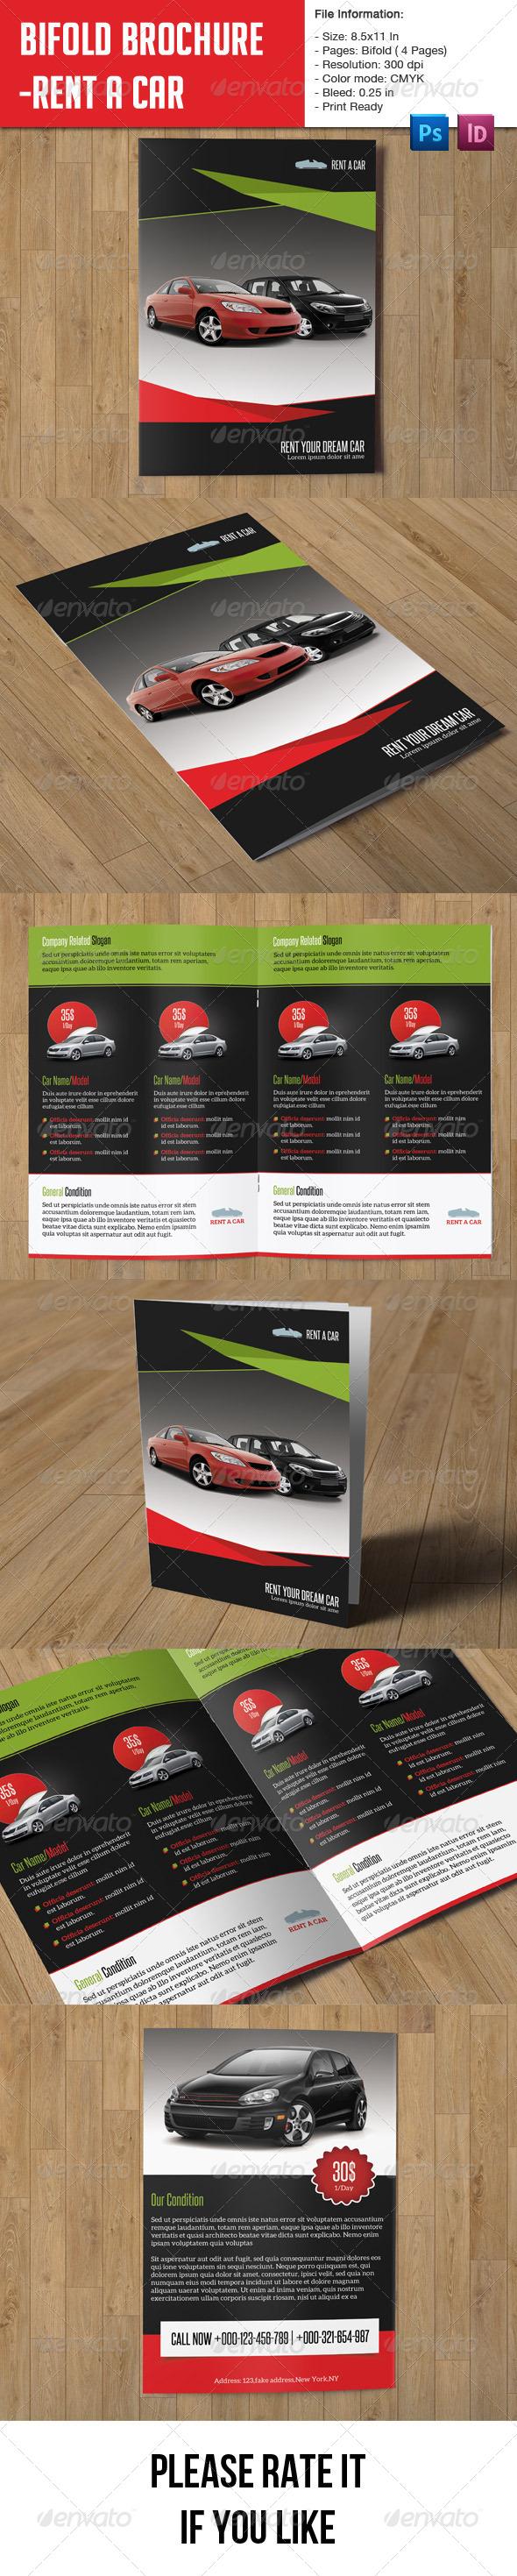 GraphicRiver Rent a Car Brochure 7964572